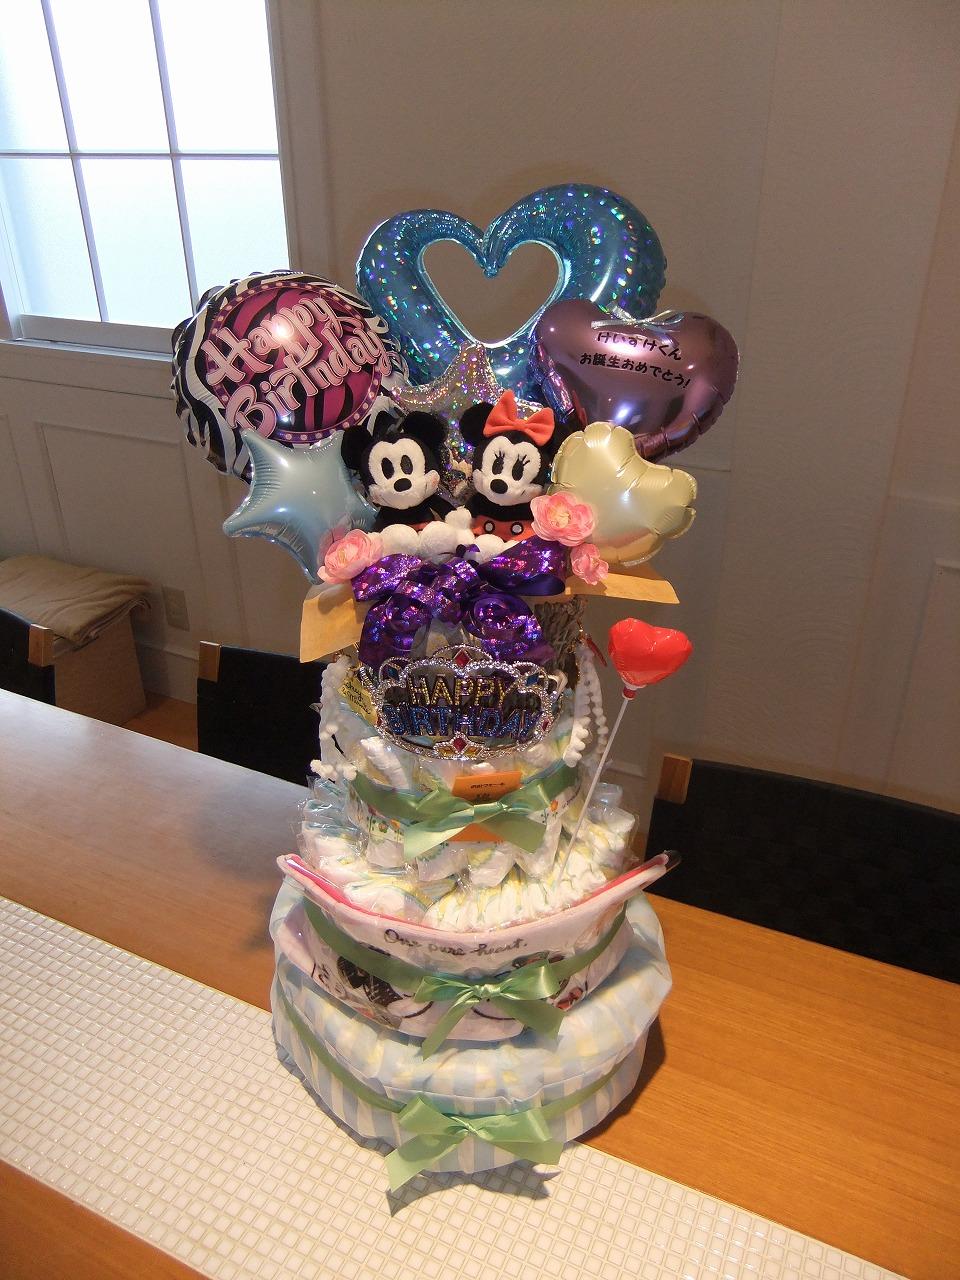 スペシャルオーダーのおむつケーキはスペシャルかわいい!ポエトリーバルーンと一緒にお仲間から贈られました。